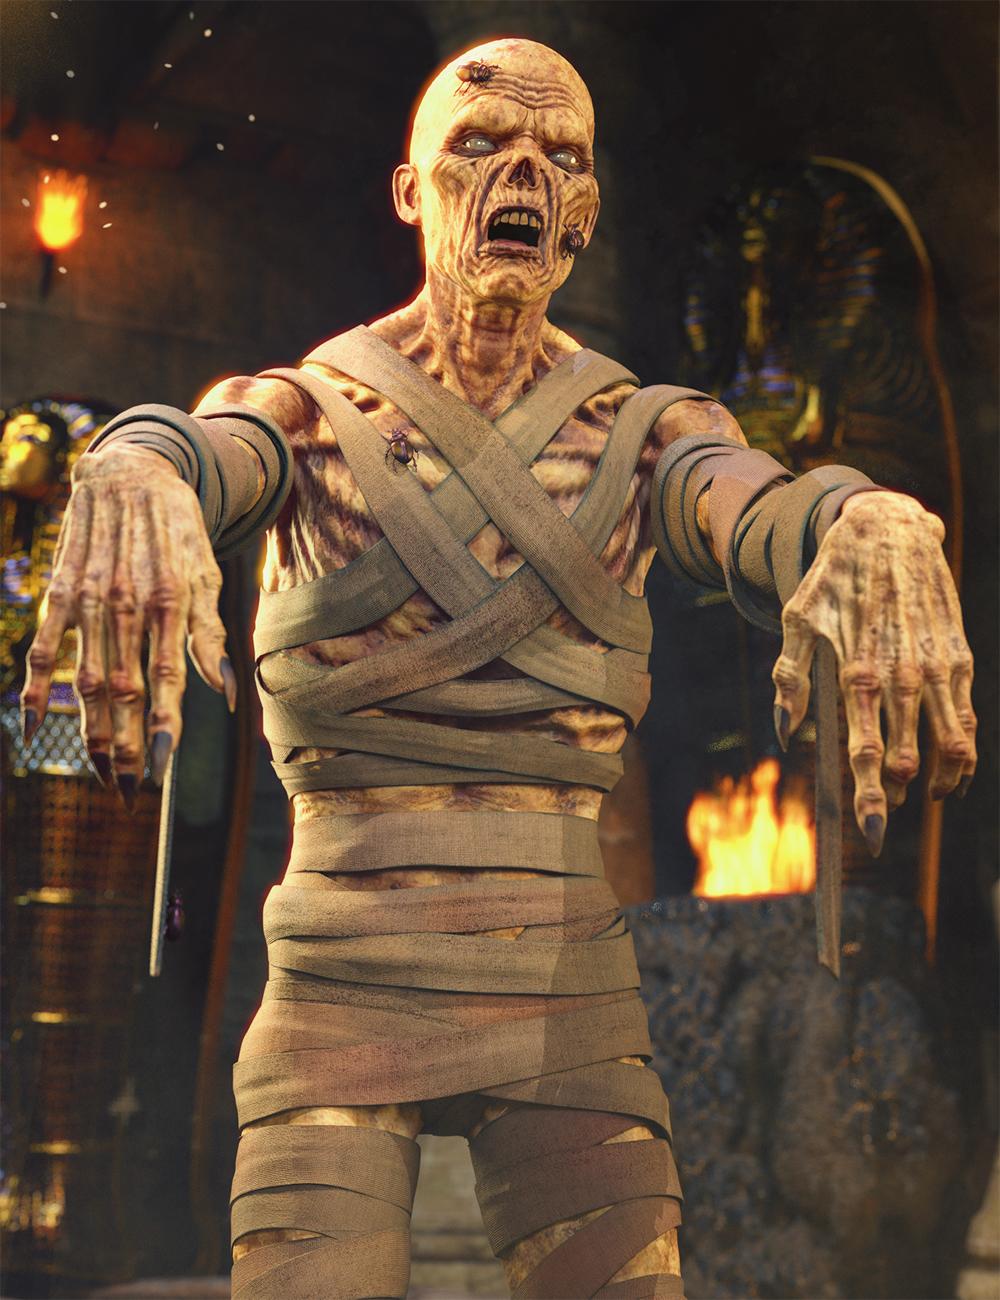 Mummy HD for Genesis 8 Male by: Josh Crockett, 3D Models by Daz 3D